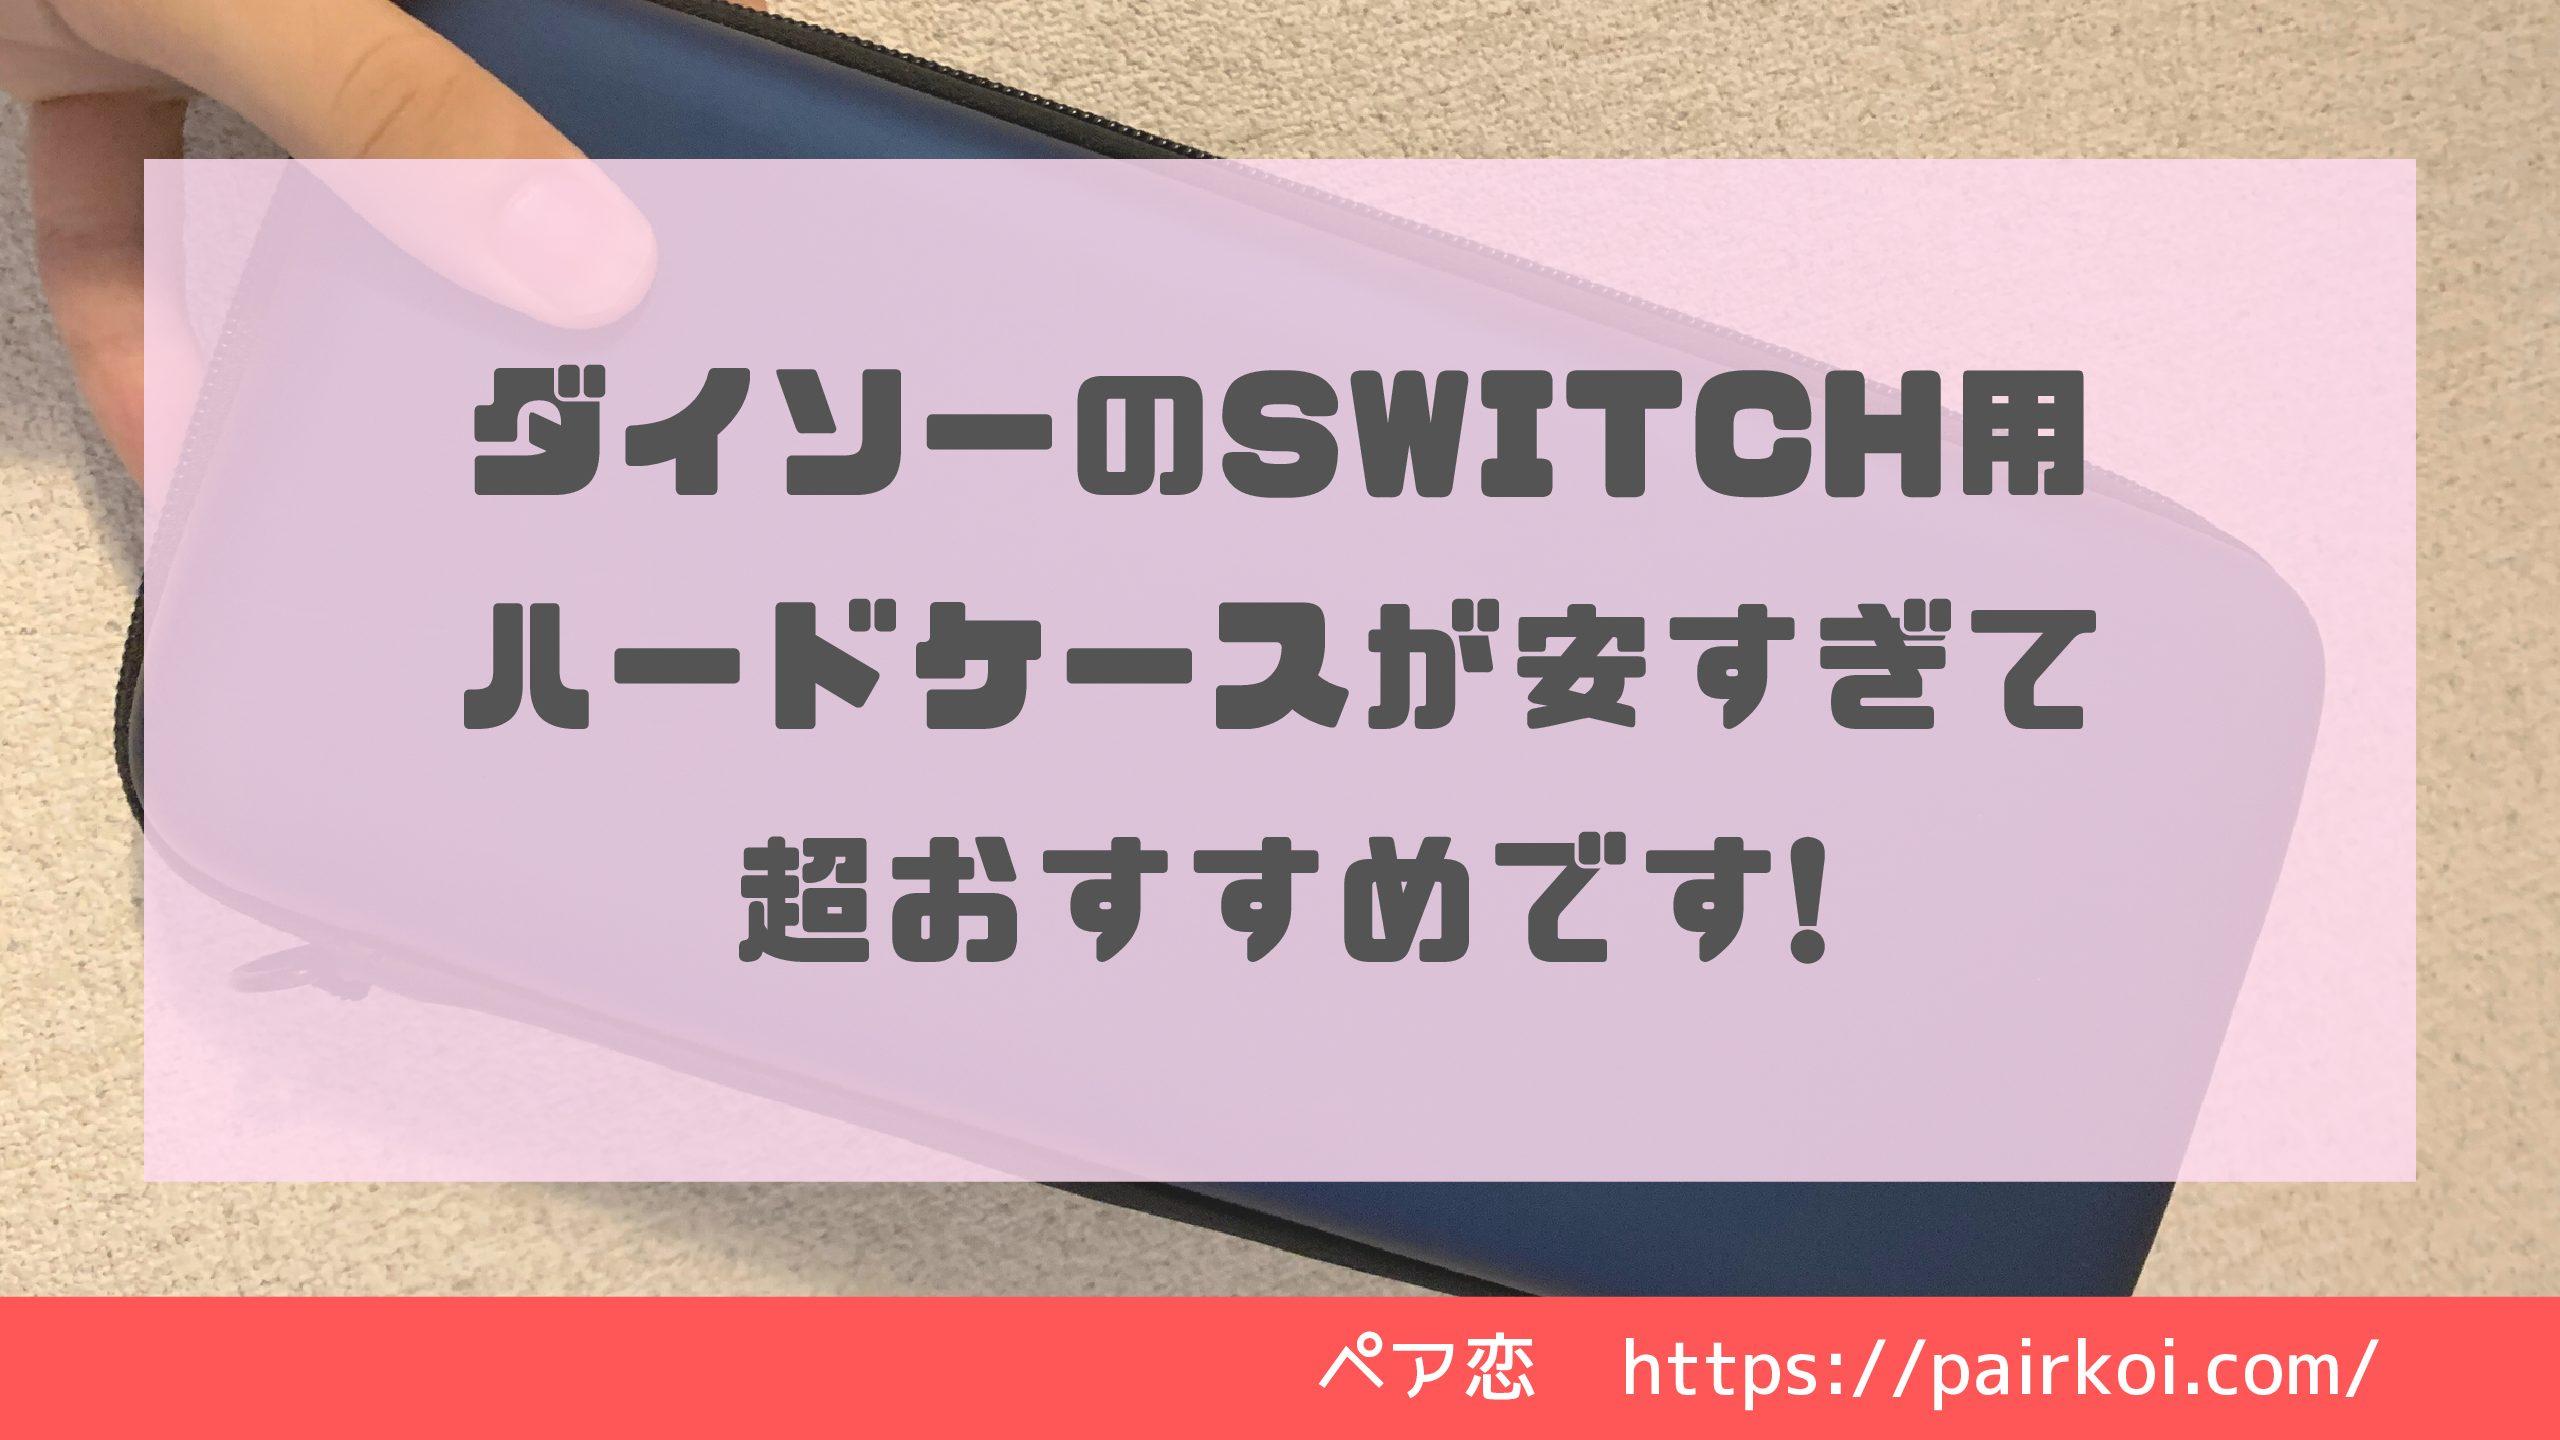 ダイソーのSwitch用ハードケースが安すぎて超おすすめです!